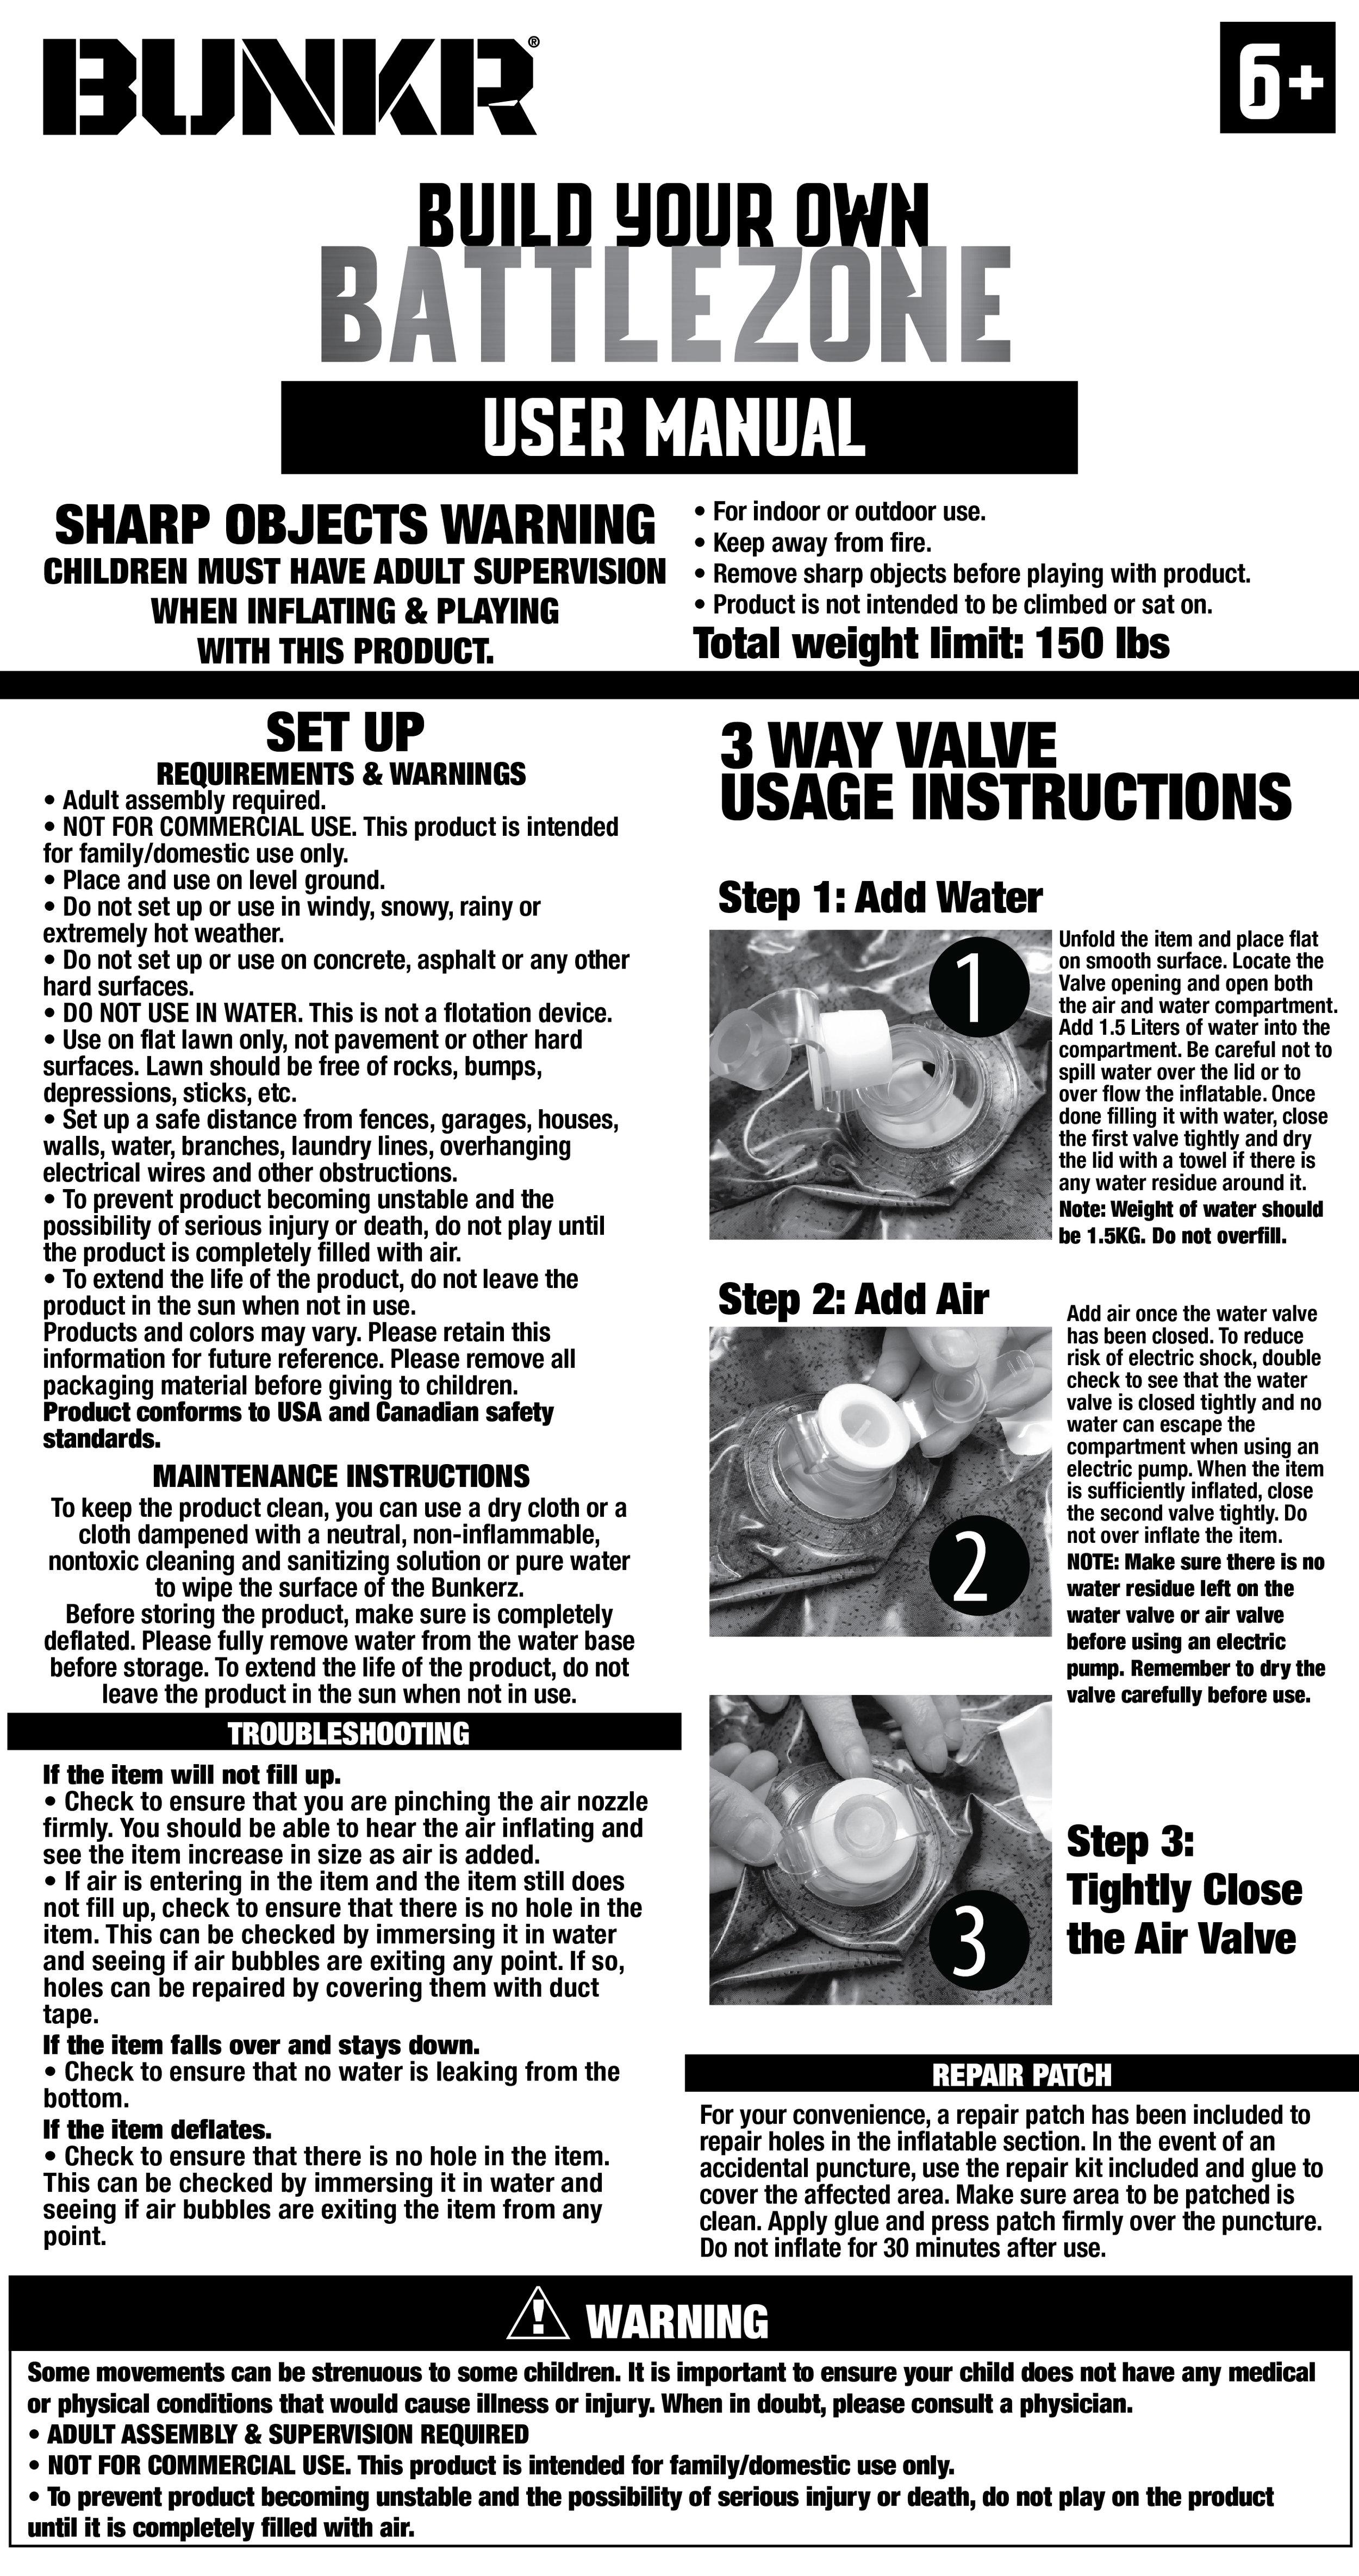 BUNKR_manual1pk biling-01.jpg